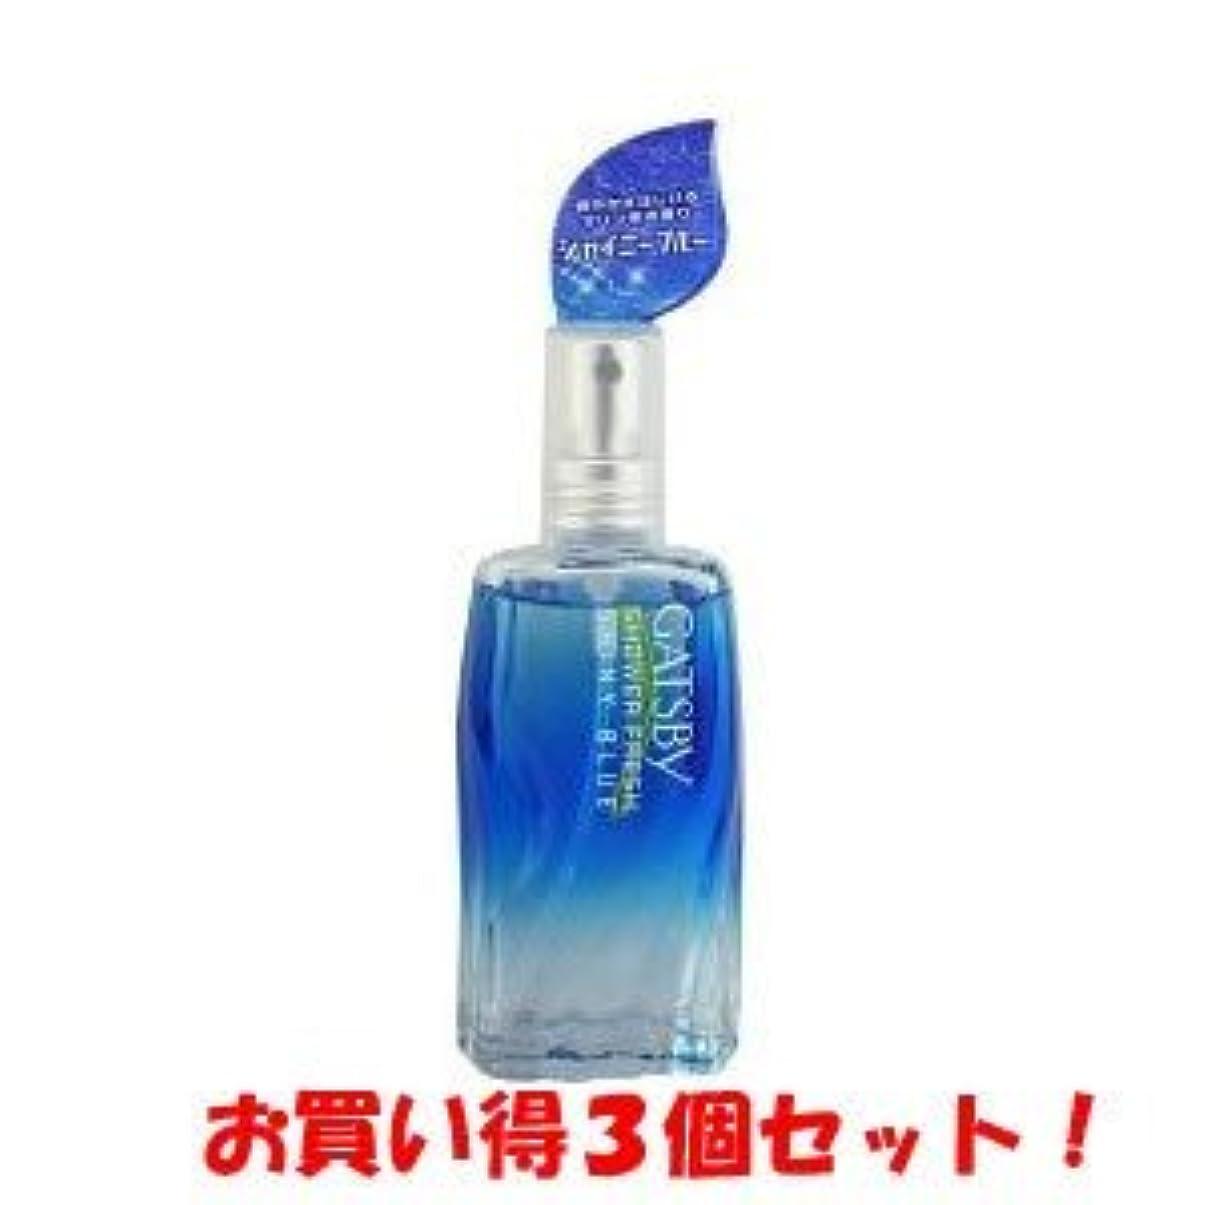 未満履歴書ブラジャーギャツビー【GATSBY】シャワーフレッシュ シャイニーブルー 60ml(お買い得3個セット)